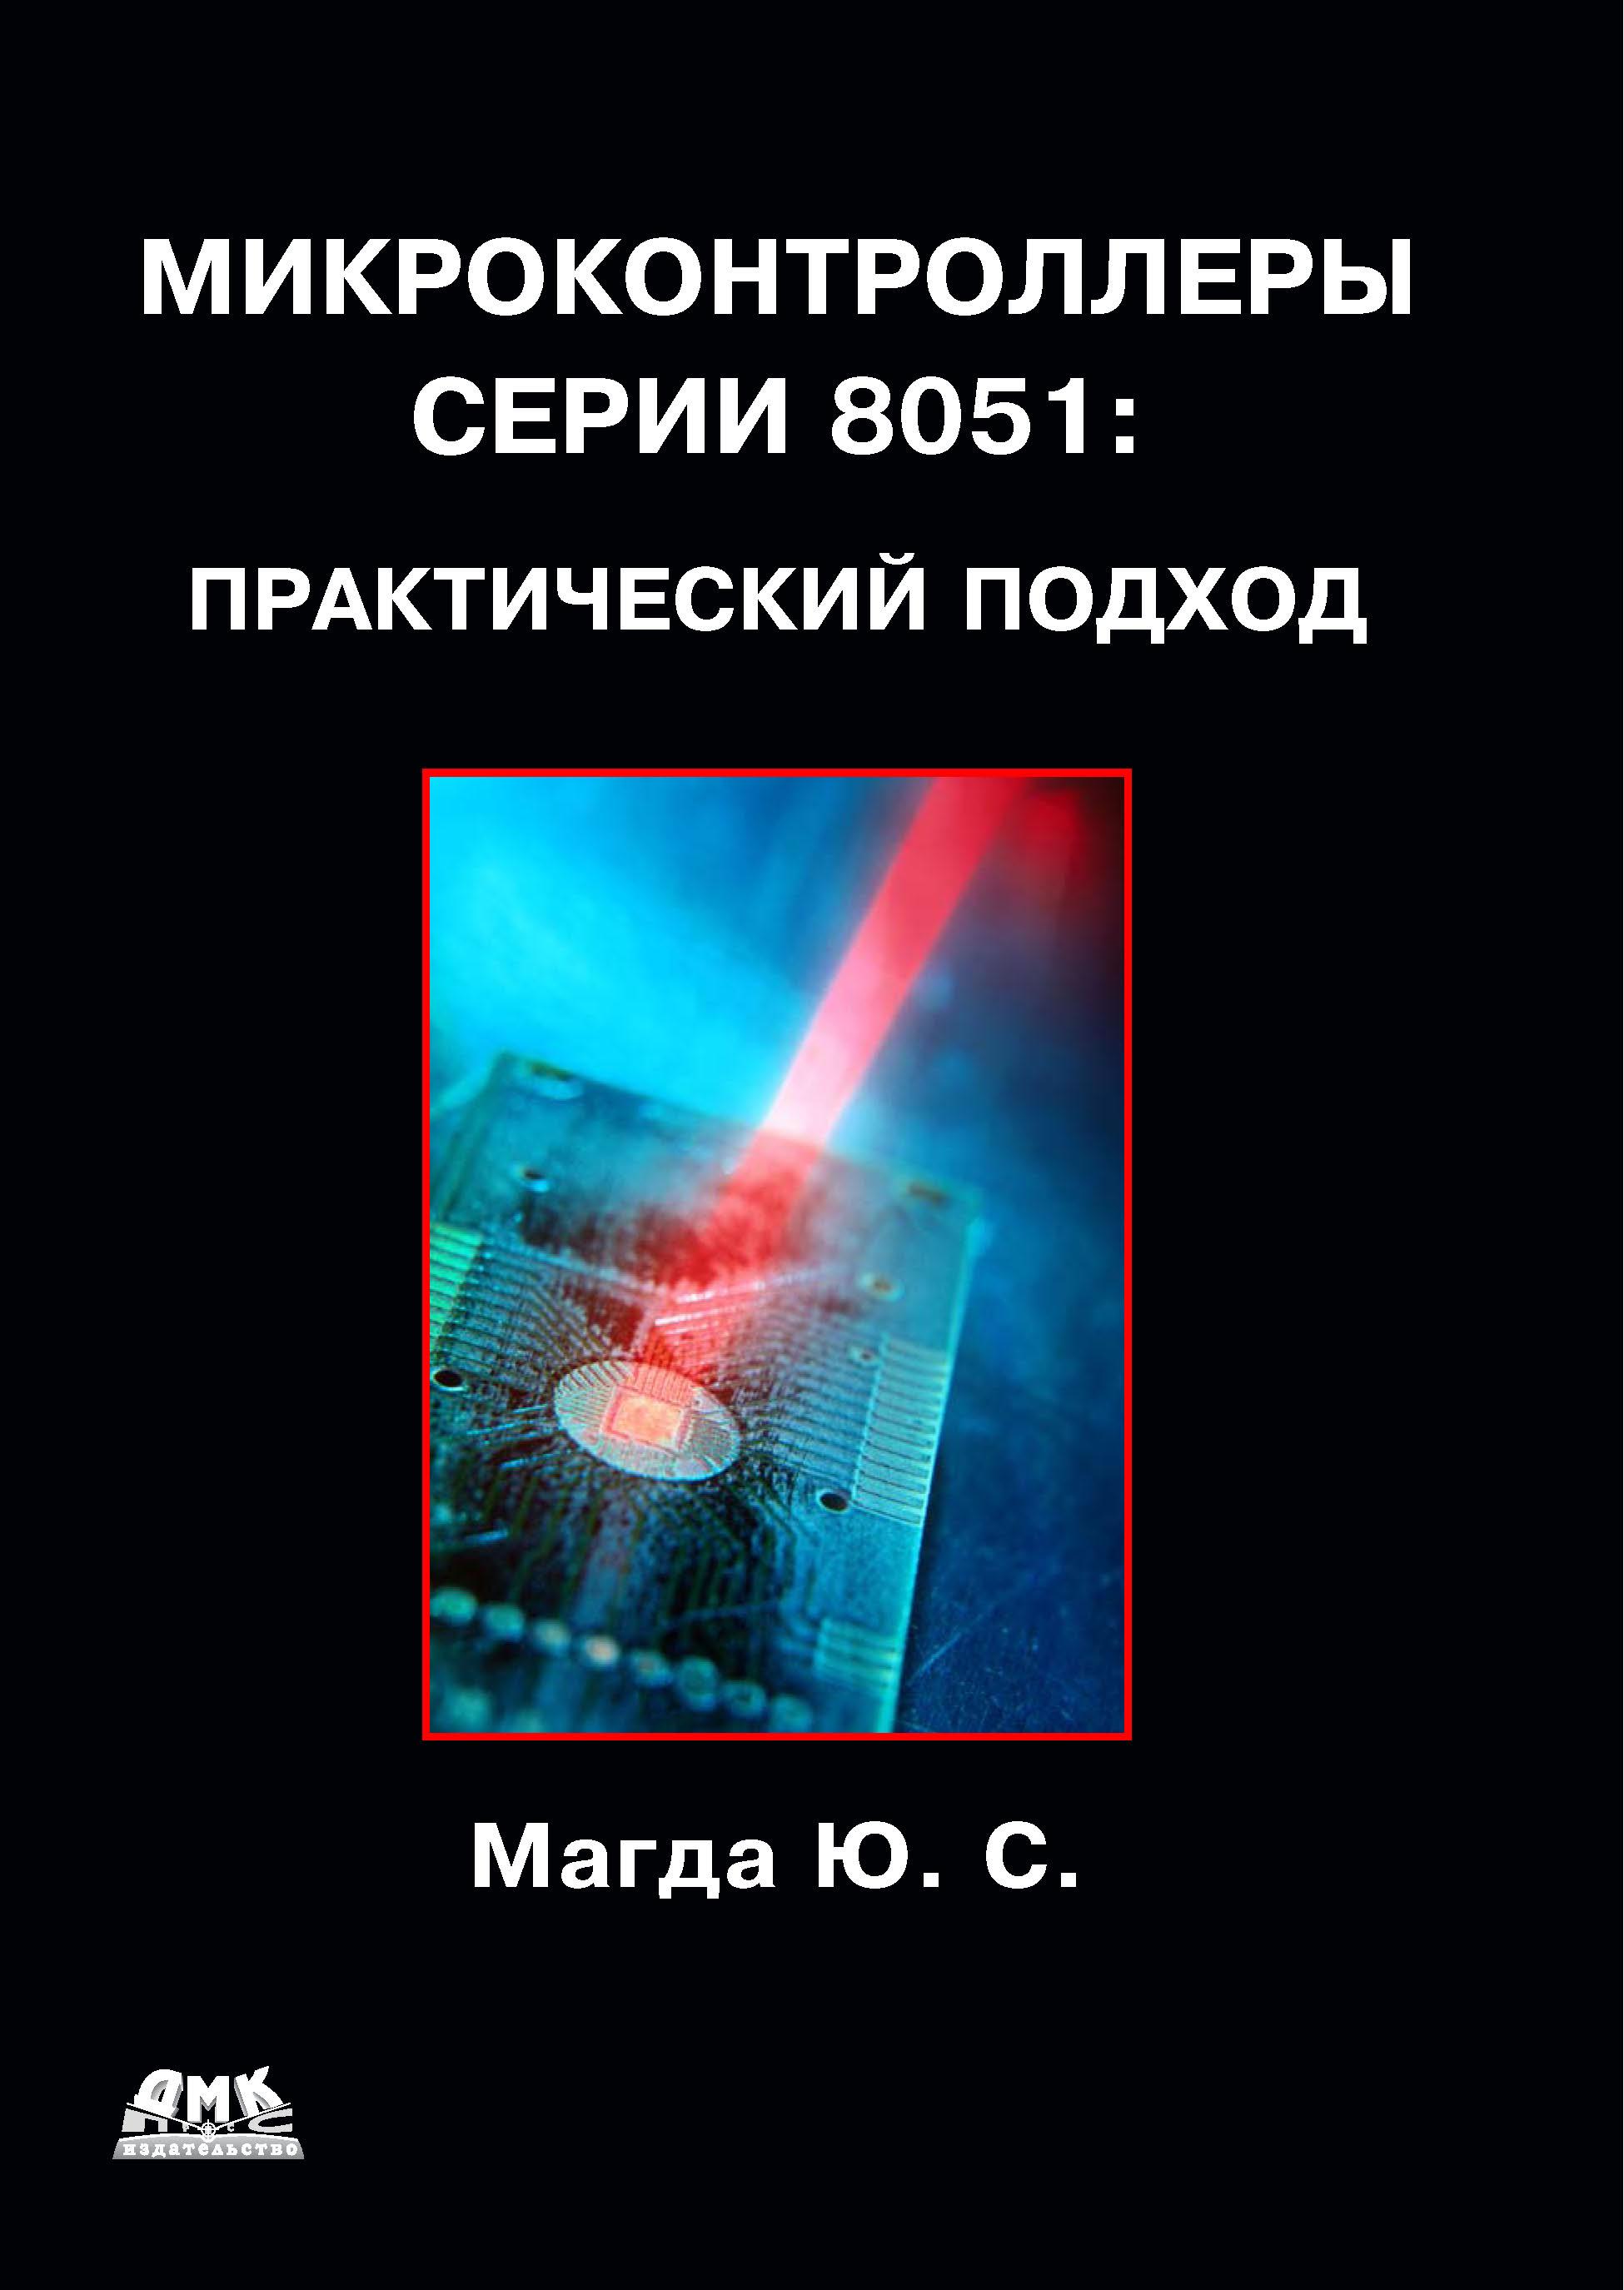 Юрий Магда Микроконтроллеры серии 8051: практический подход